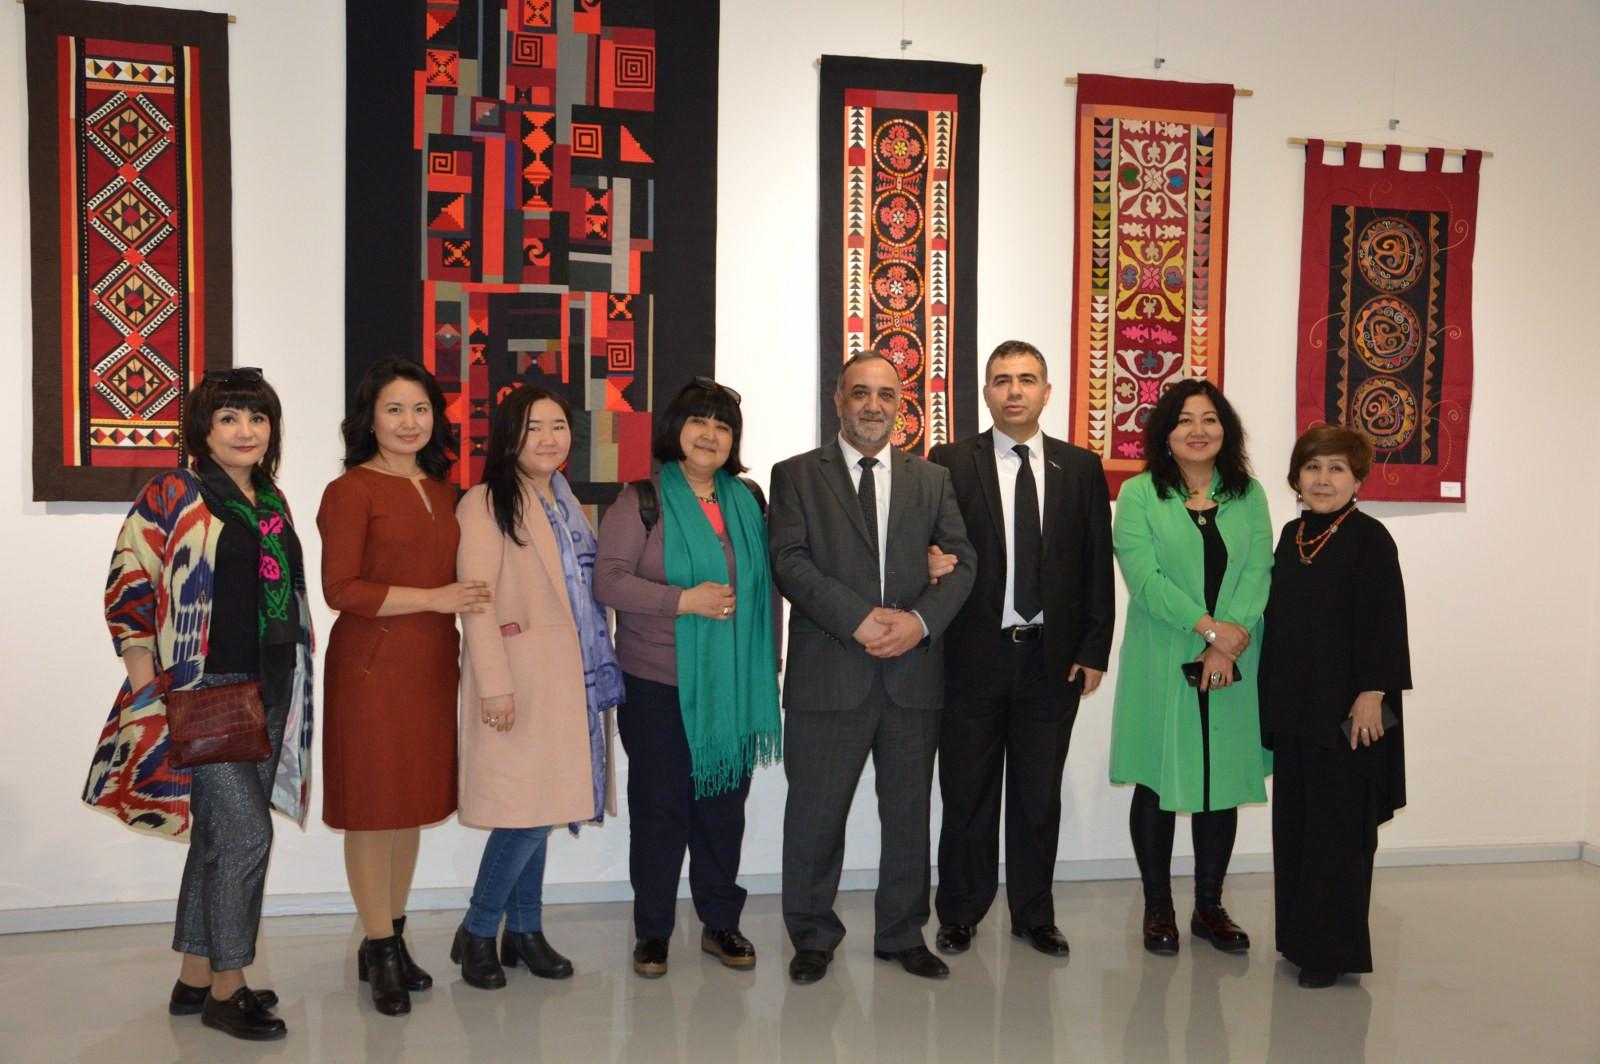 Türk Dünyasından Kadın Sanatçılar İstanbul'da Buluştu Galeri - 20. Resim